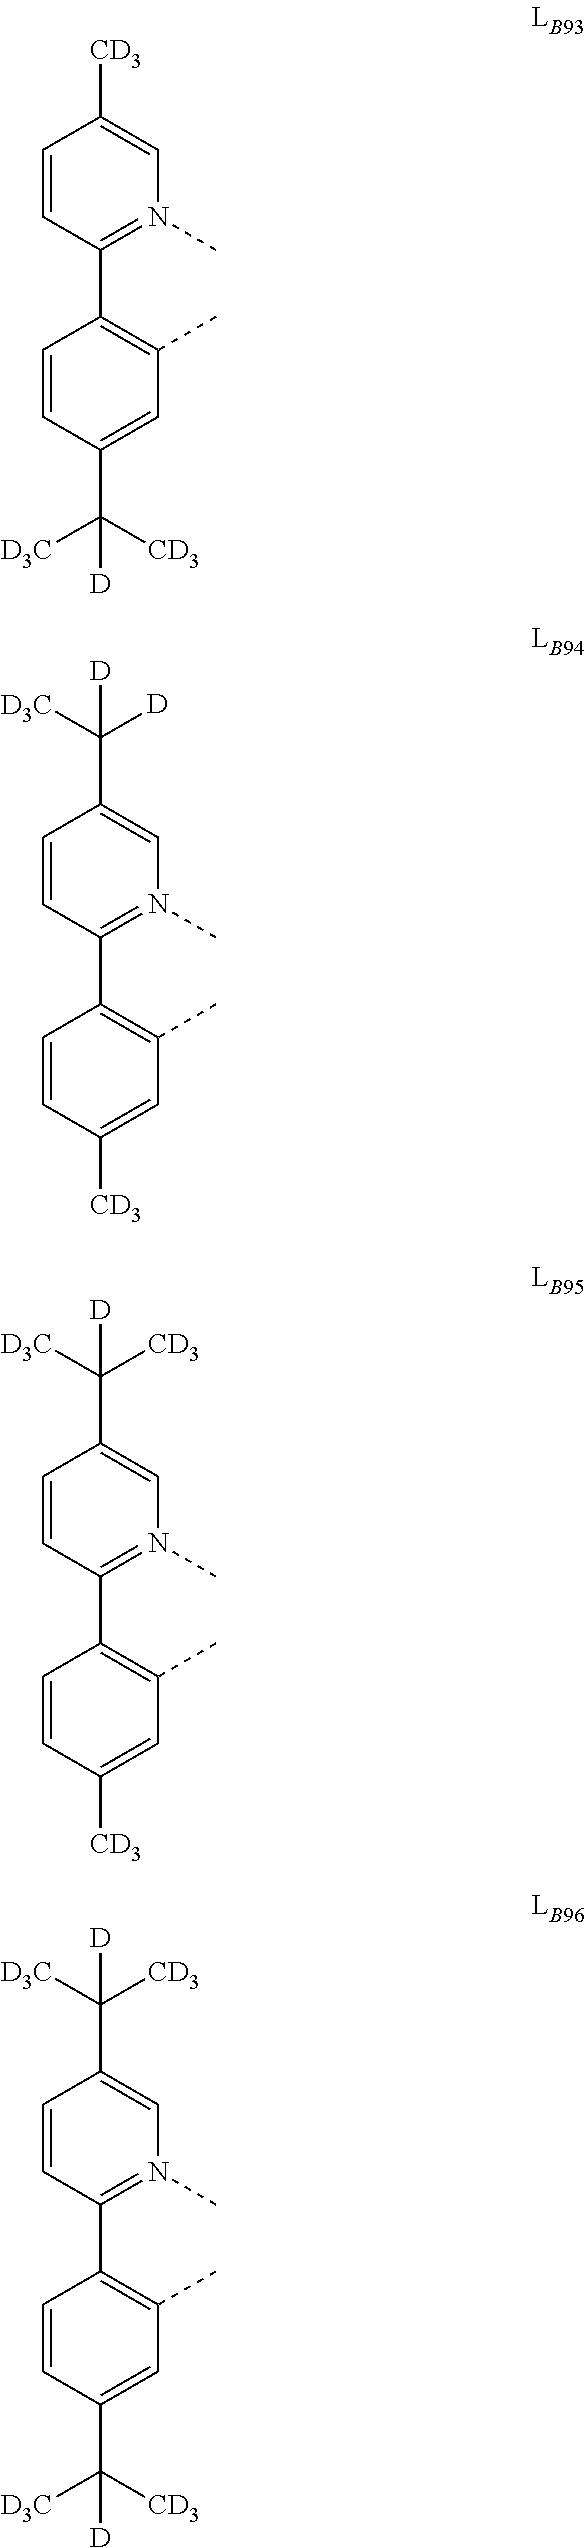 Figure US20180130962A1-20180510-C00277